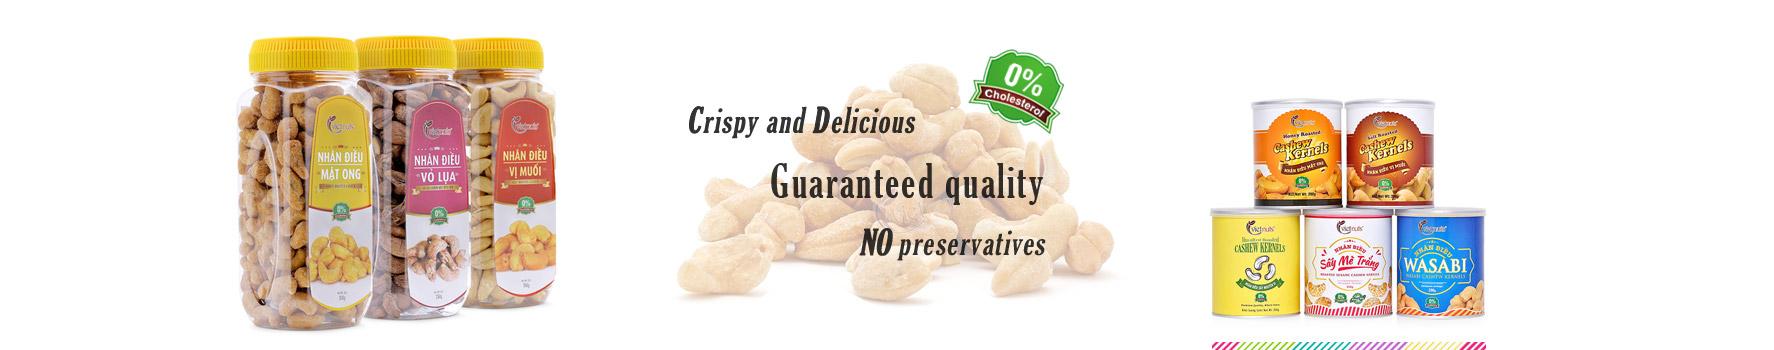 hạt điều Vietnuts - Viet Nam premium cashew supplier